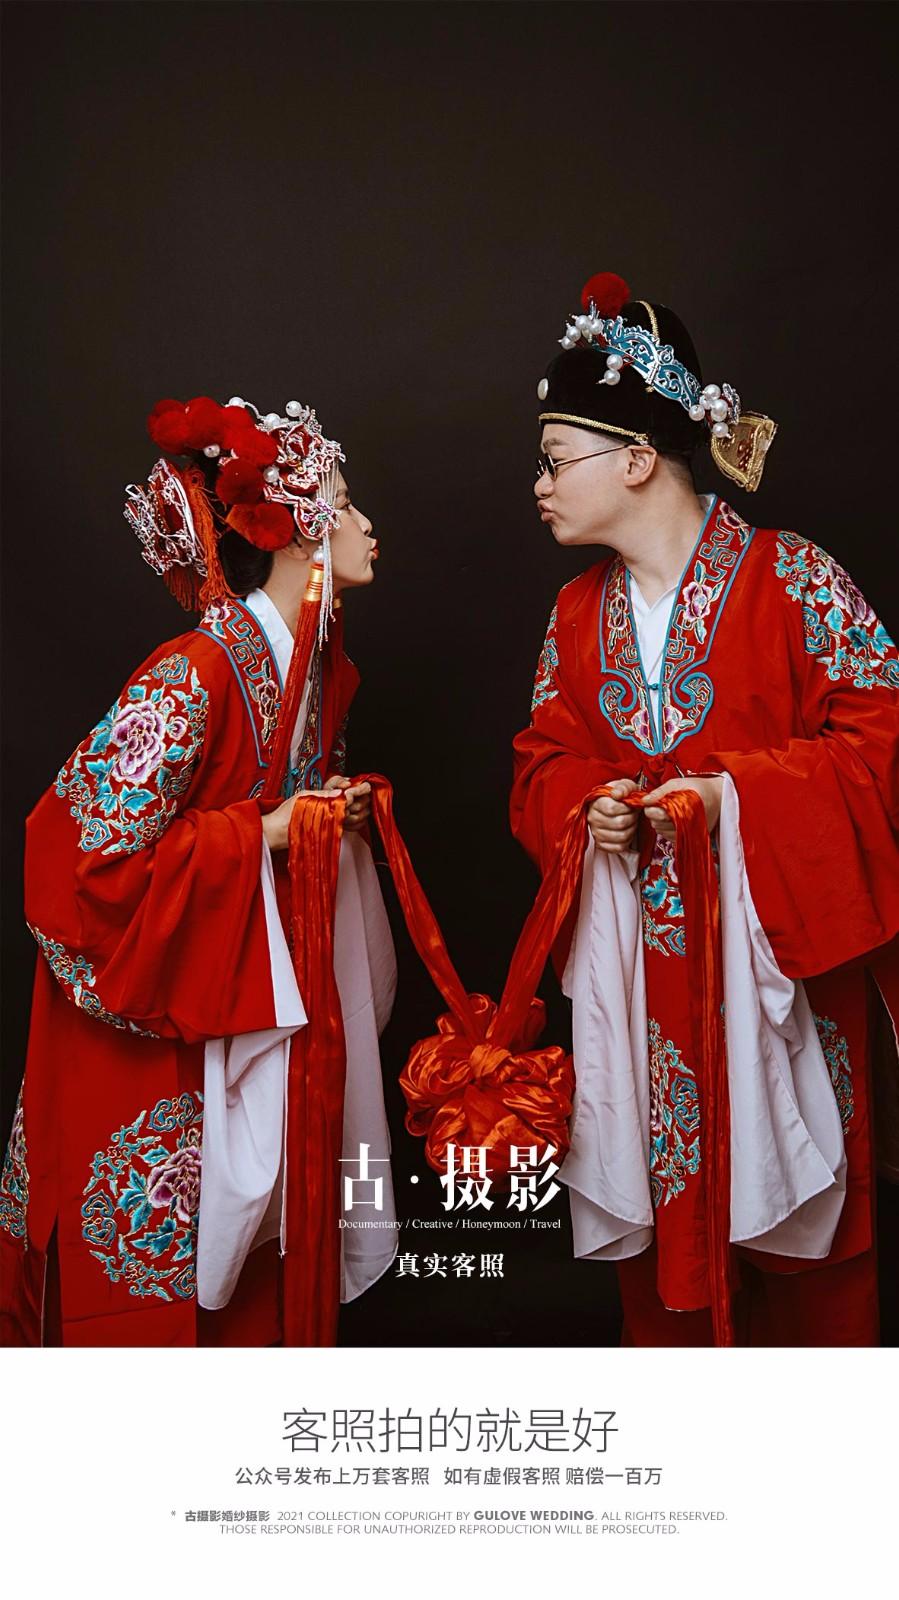 06月客照第一季 - 月度客照 - 古摄影婚纱艺术-古摄影成都婚纱摄影艺术摄影网